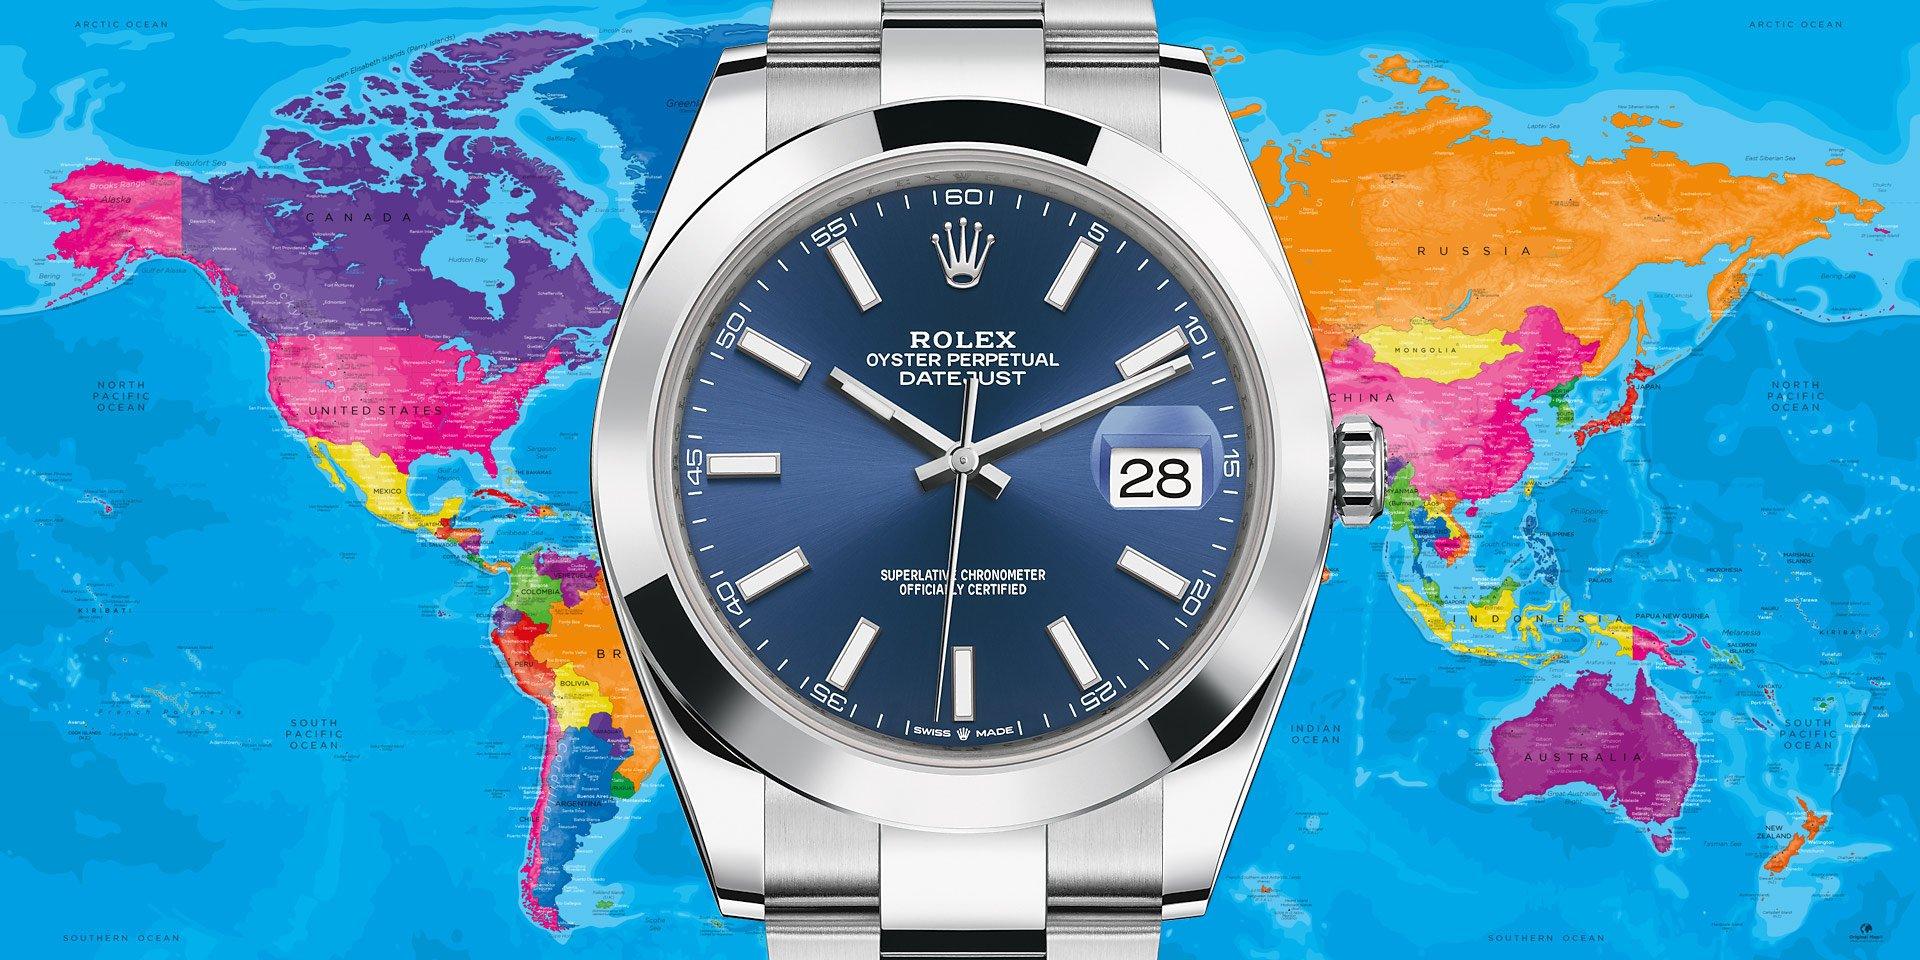 Đồng hồ Rolex dẫn đầu ở Mĩ, Anh, Thụy Sĩ tụt hạng tại Úc, Đức, Nhật Bản